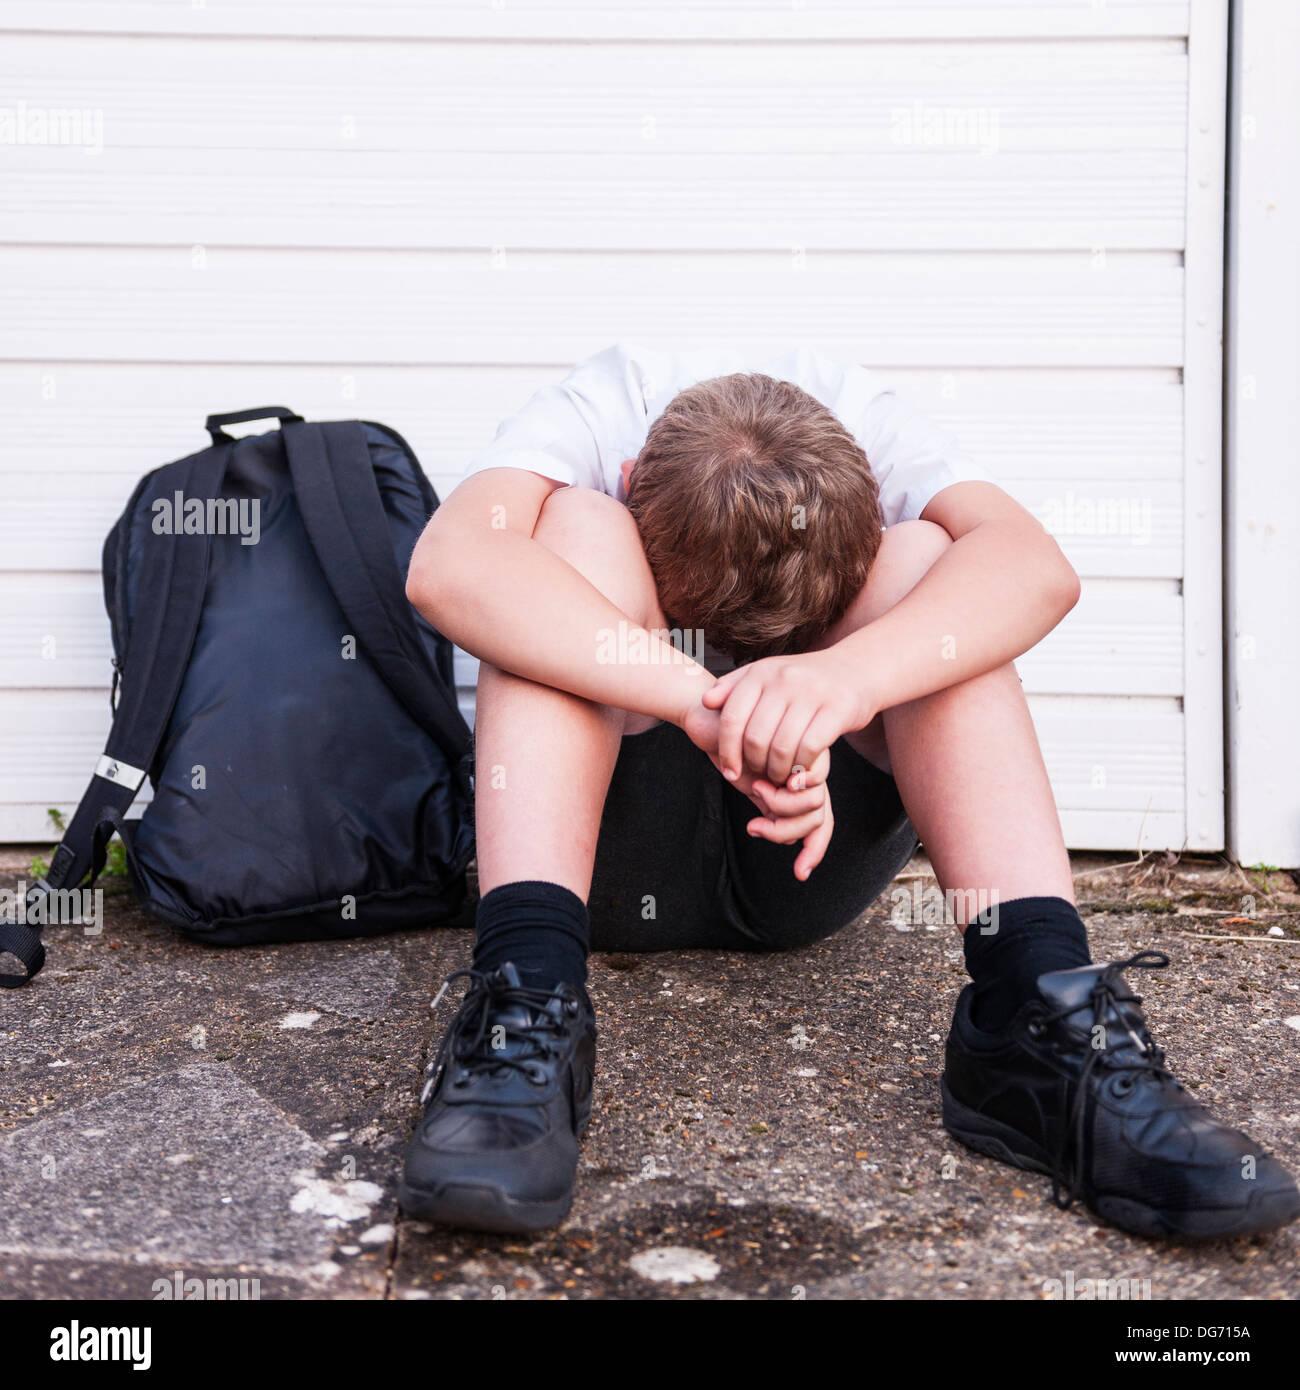 Un chico de 10 buscando triste y deprimida en su uniforme escolar que muestran los efectos de la intimidación en el Reino Unido Imagen De Stock